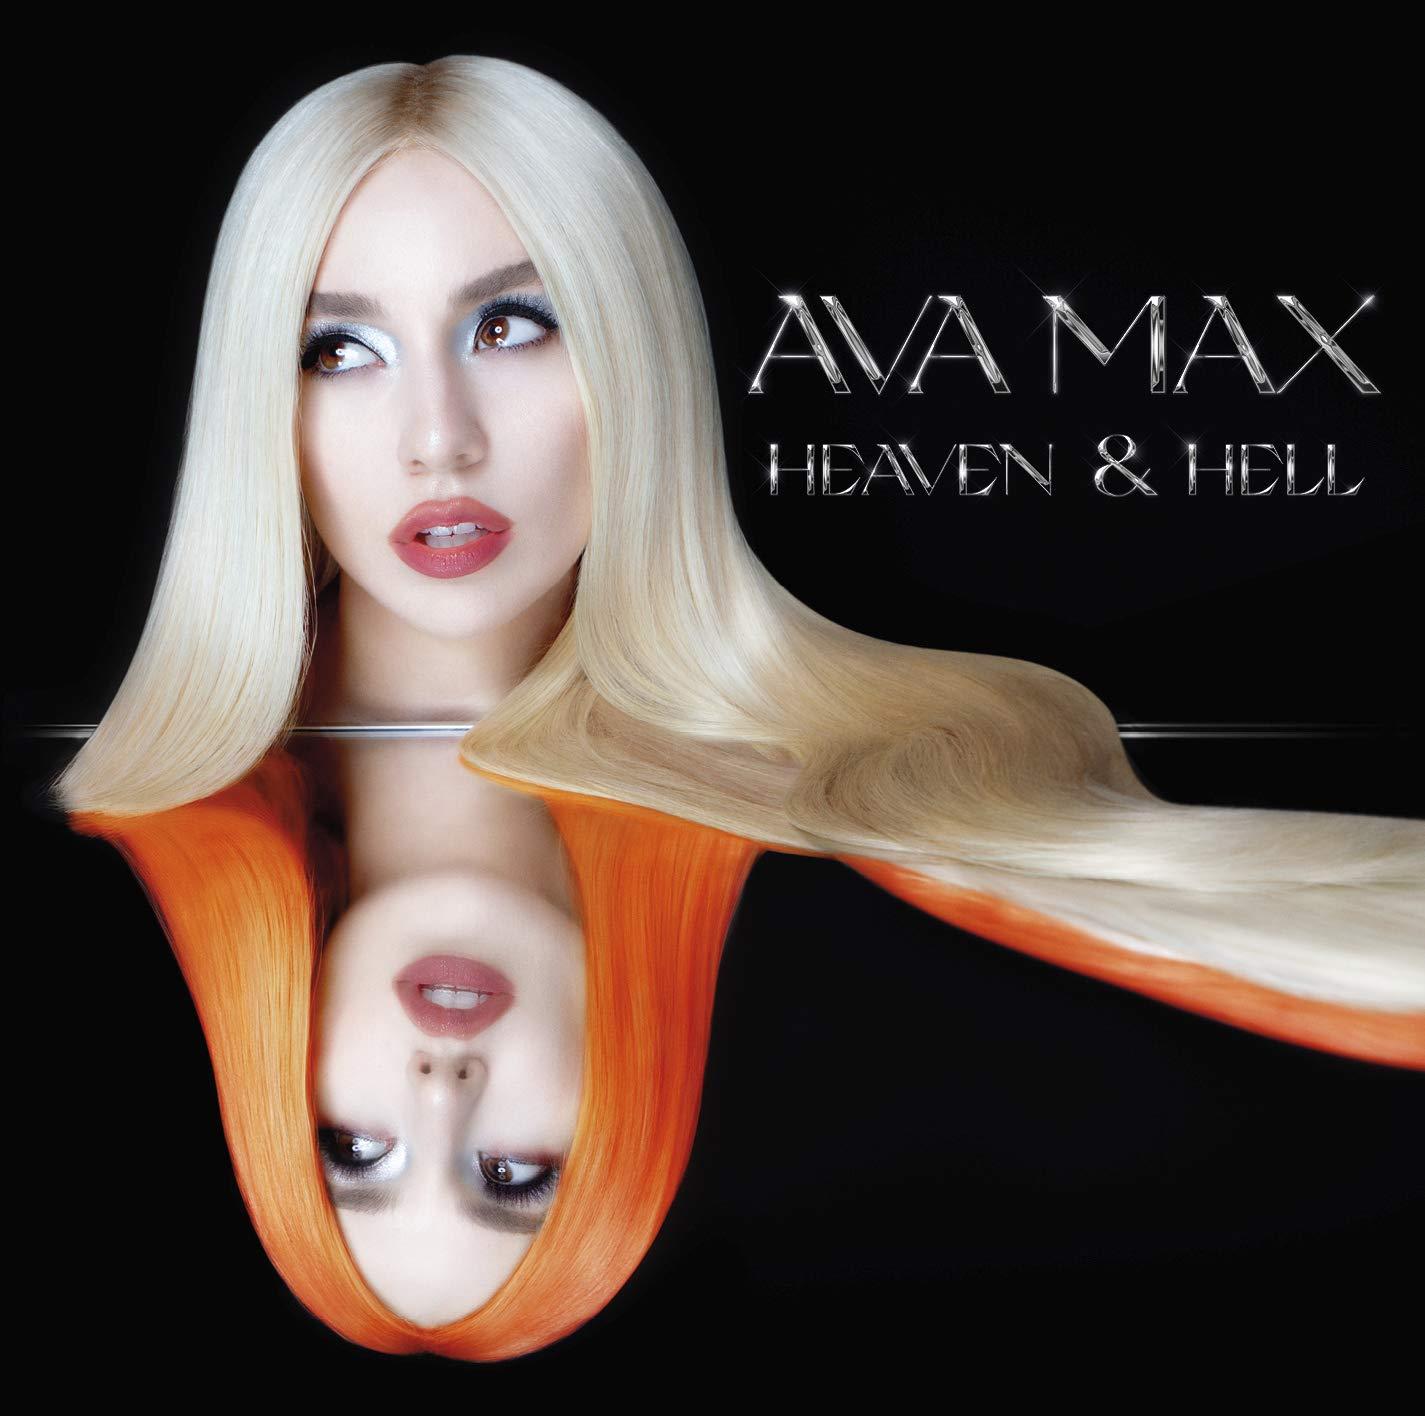 Ava Max - Heaven & Hell (CD)